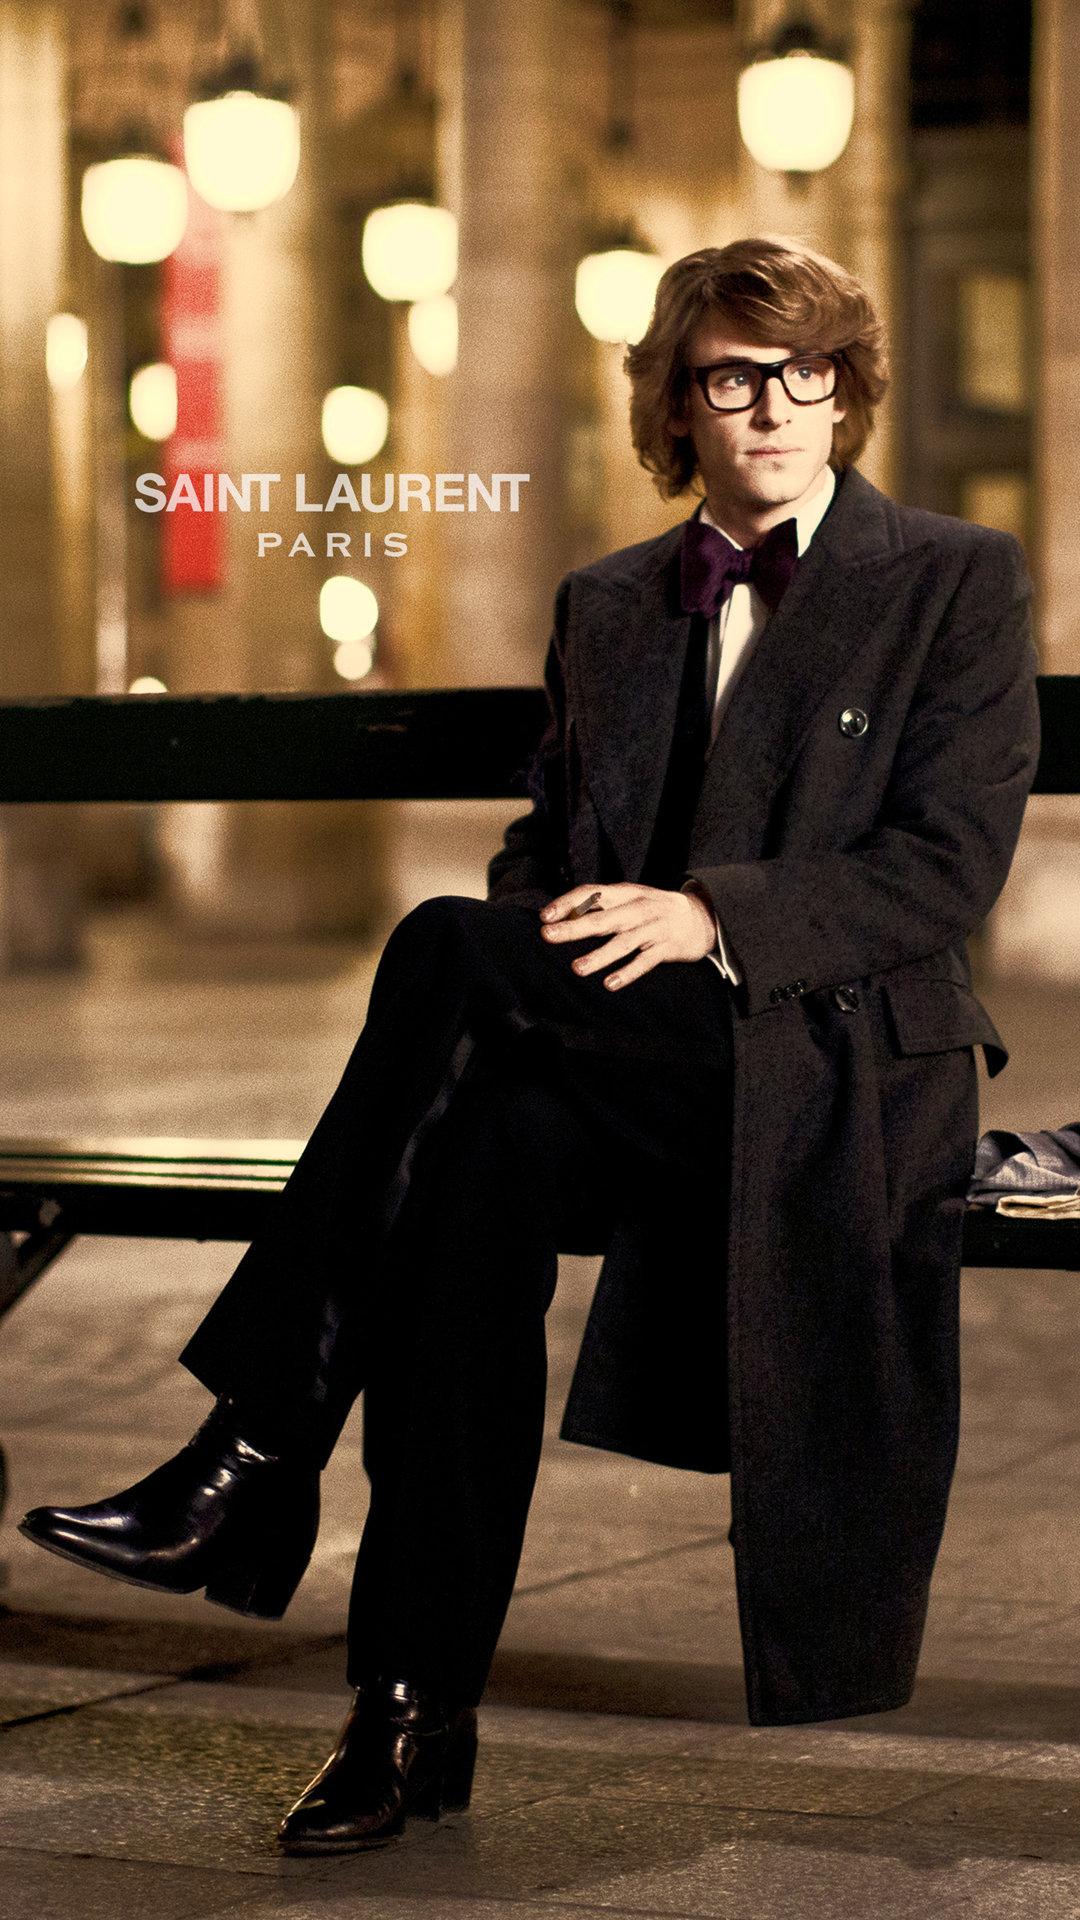 Saint Laurent Paris Brand Wallpaper